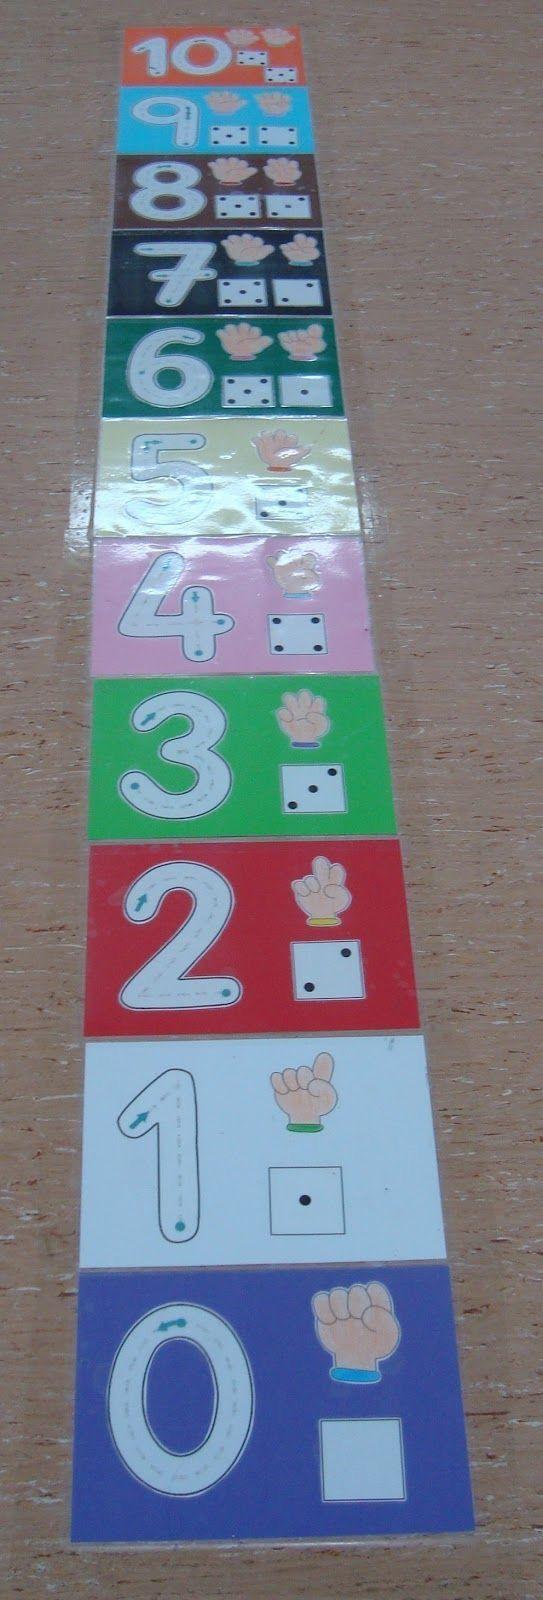 242 best افكار مسابقات للاطفال images on Pinterest | Family games ...